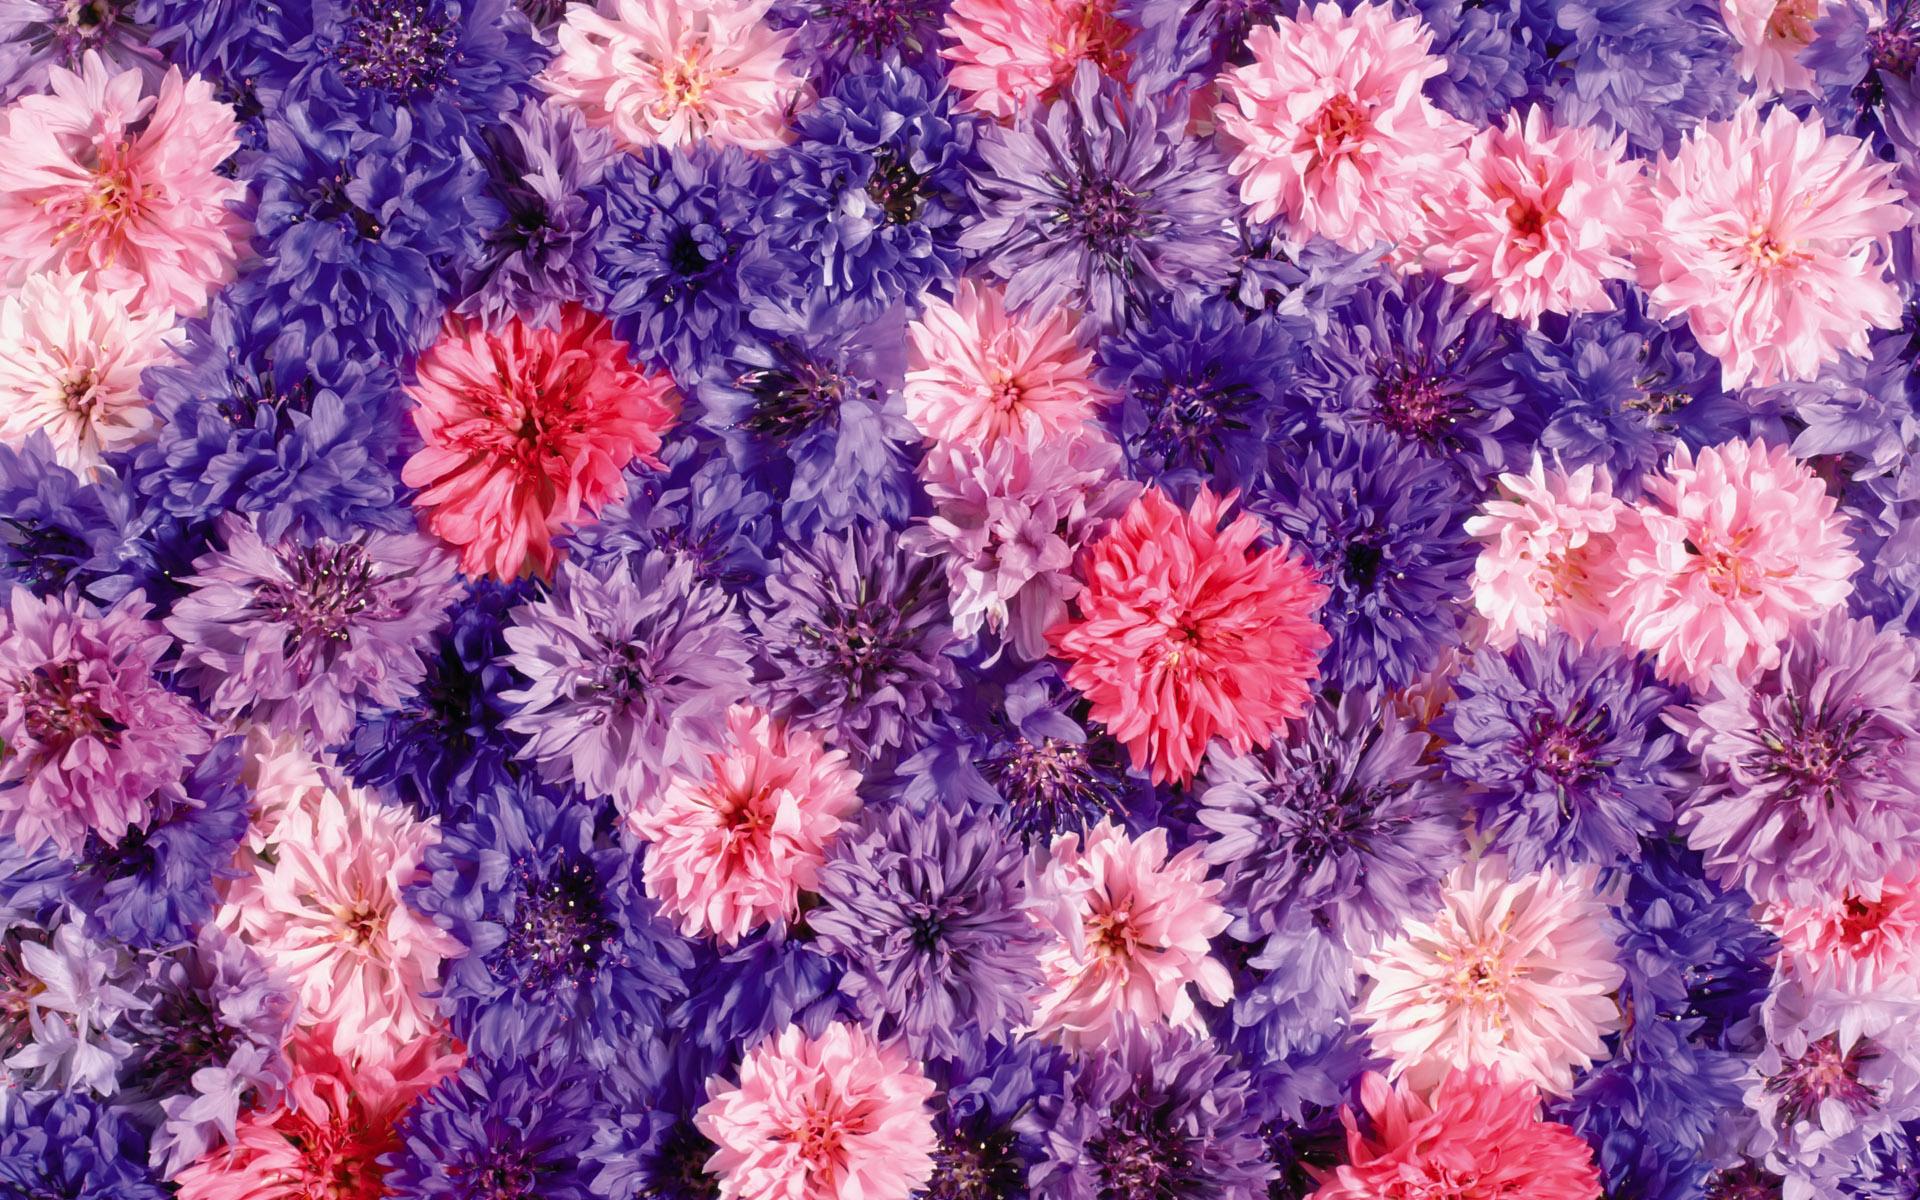 flower backgrounds pink cute hd desktop wallpapers 4k hd